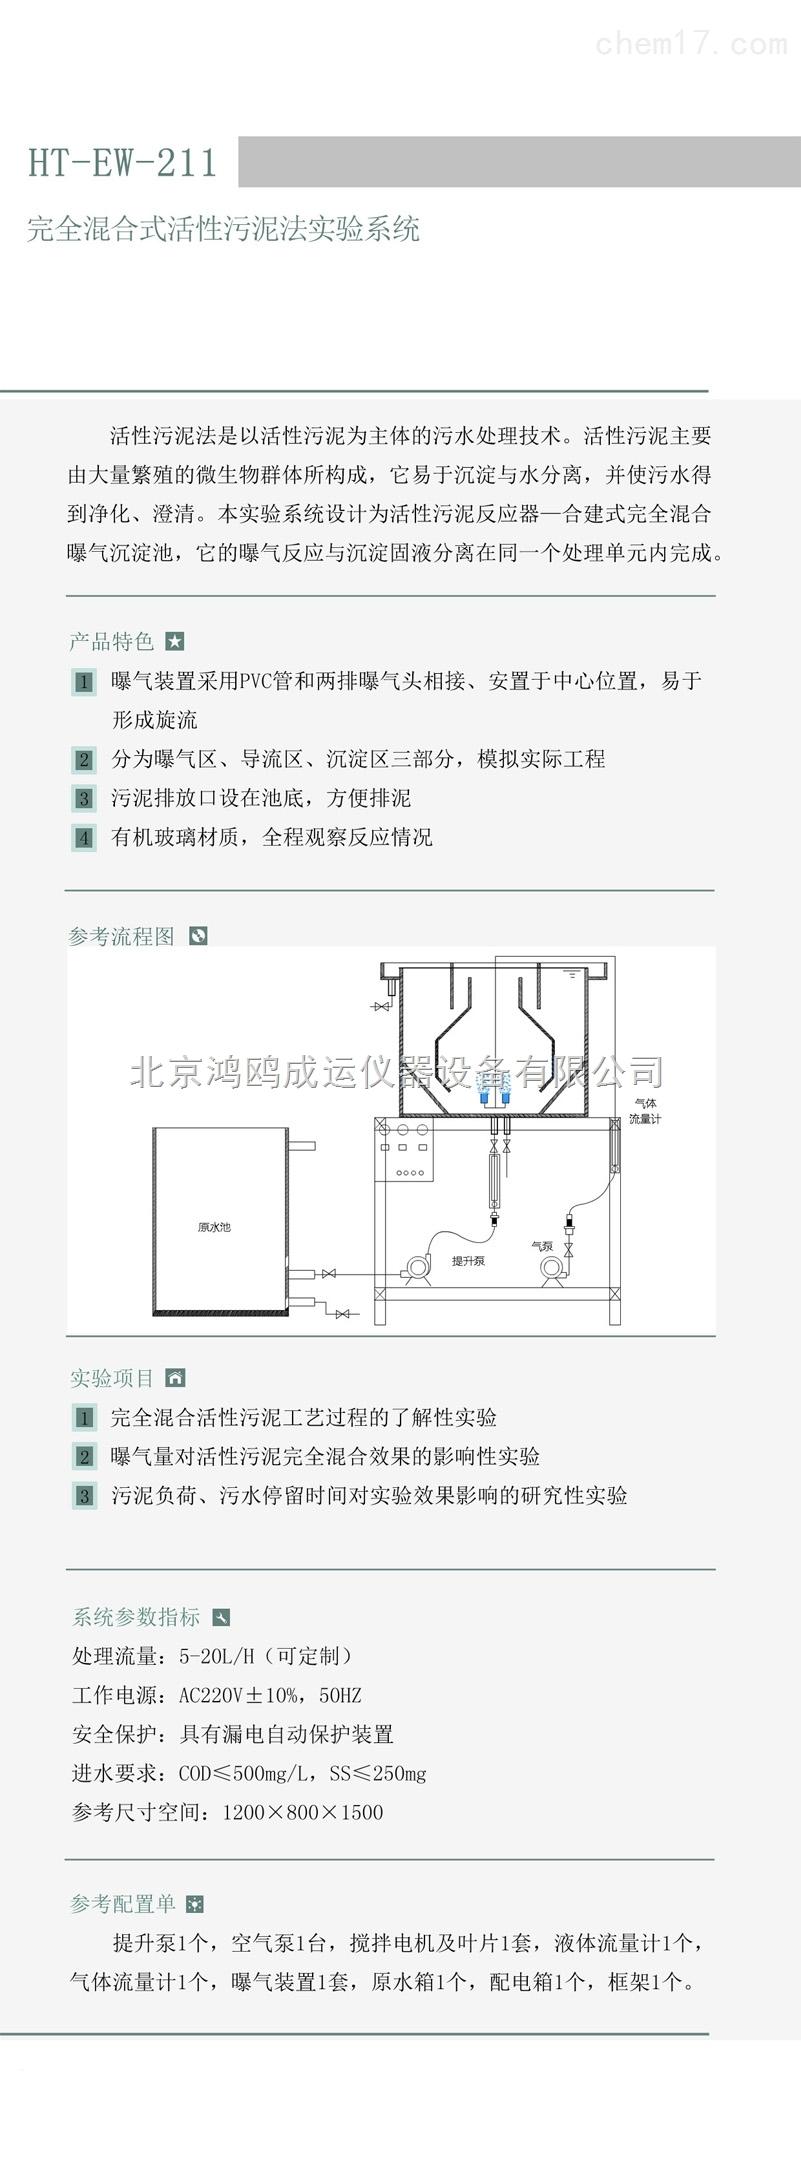 完全混合式活性污泥法试验系统